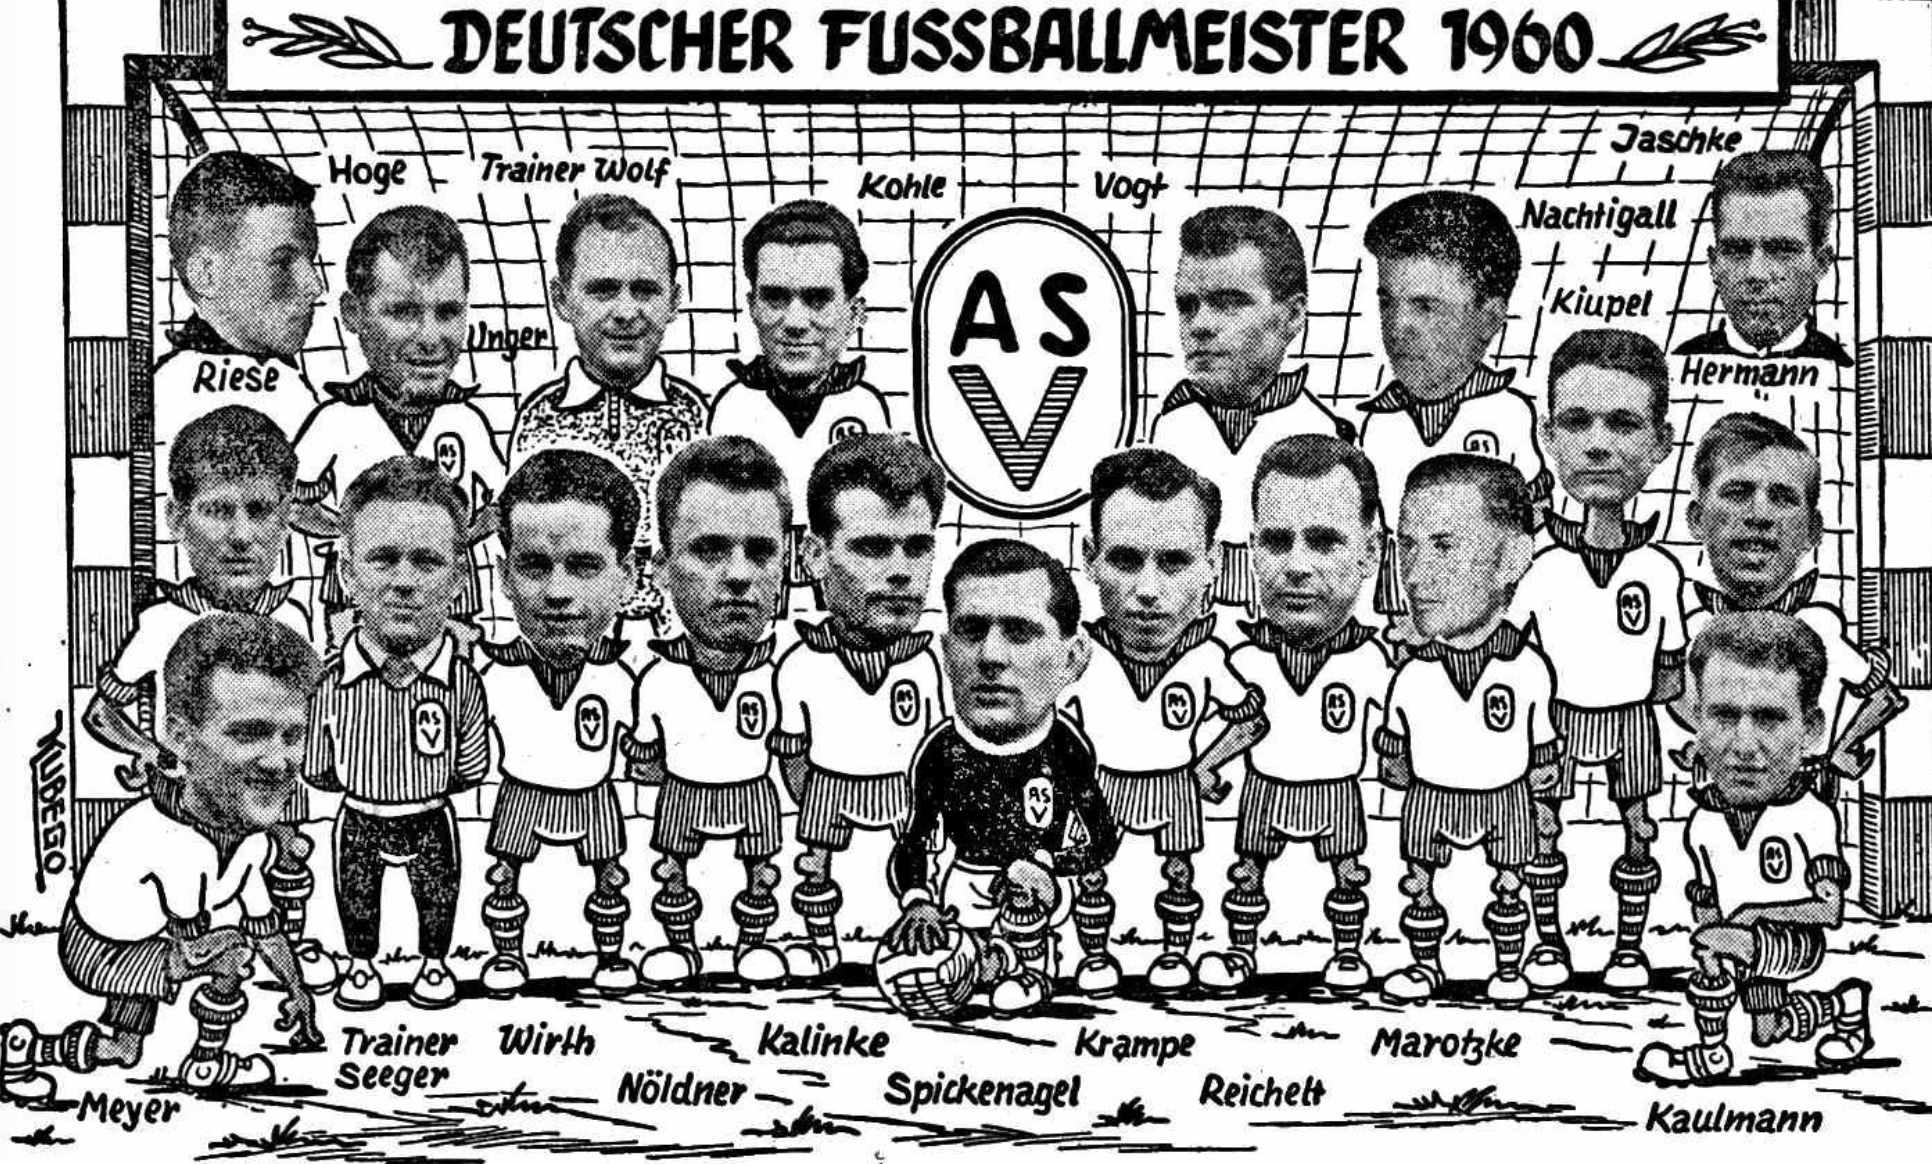 Günter Hoge oben links auf dem Meisterbild von 1960